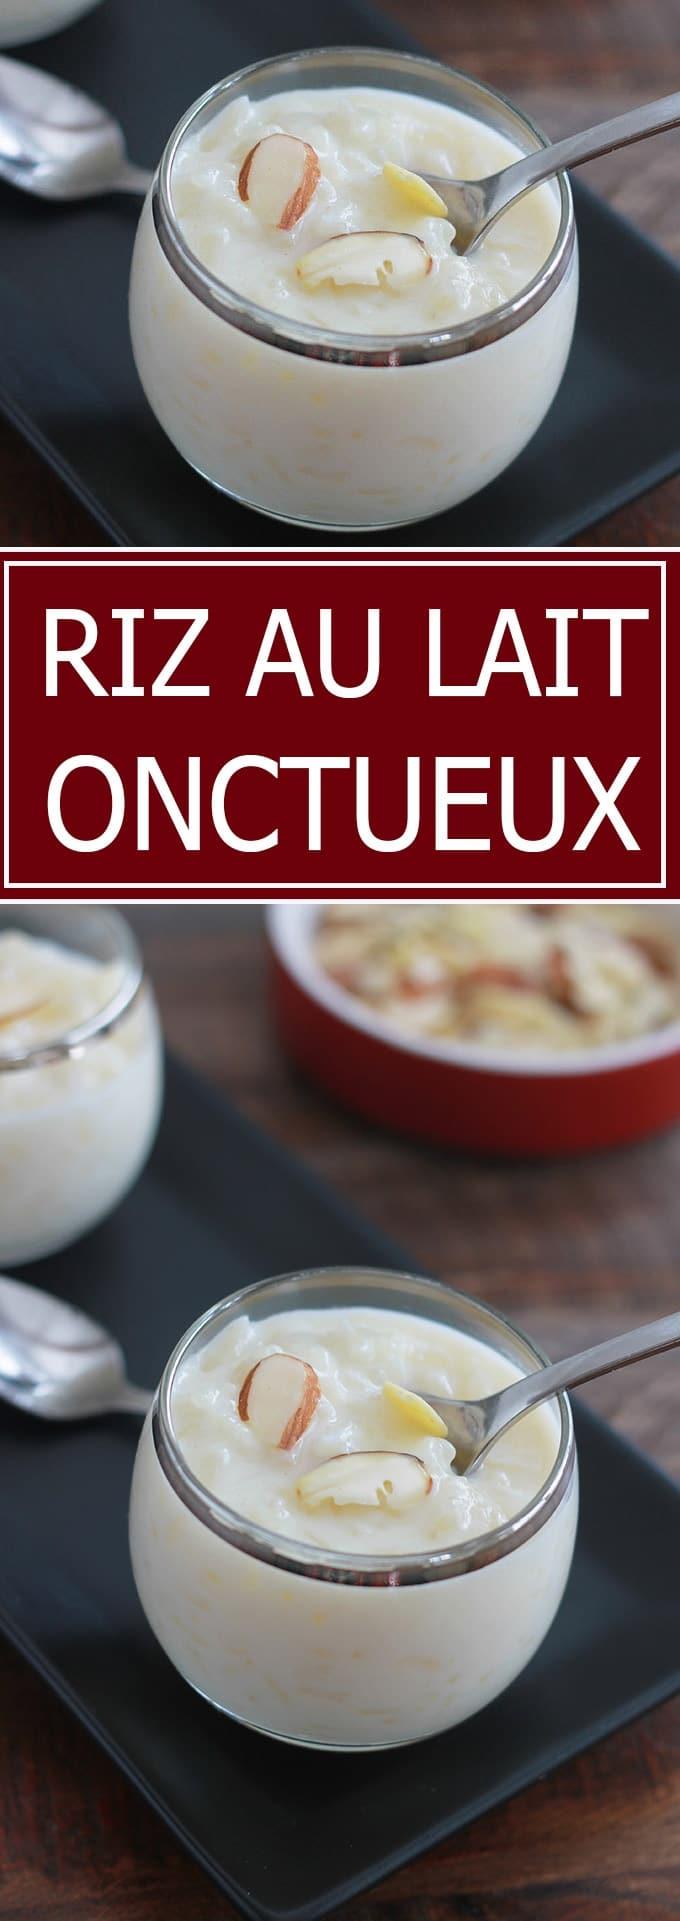 Riz au lait classique, onctueux. Je vous donne trois astuces pour le réussir. Délicieux avec un coulis de fruits ou du caramel au beurre salé.